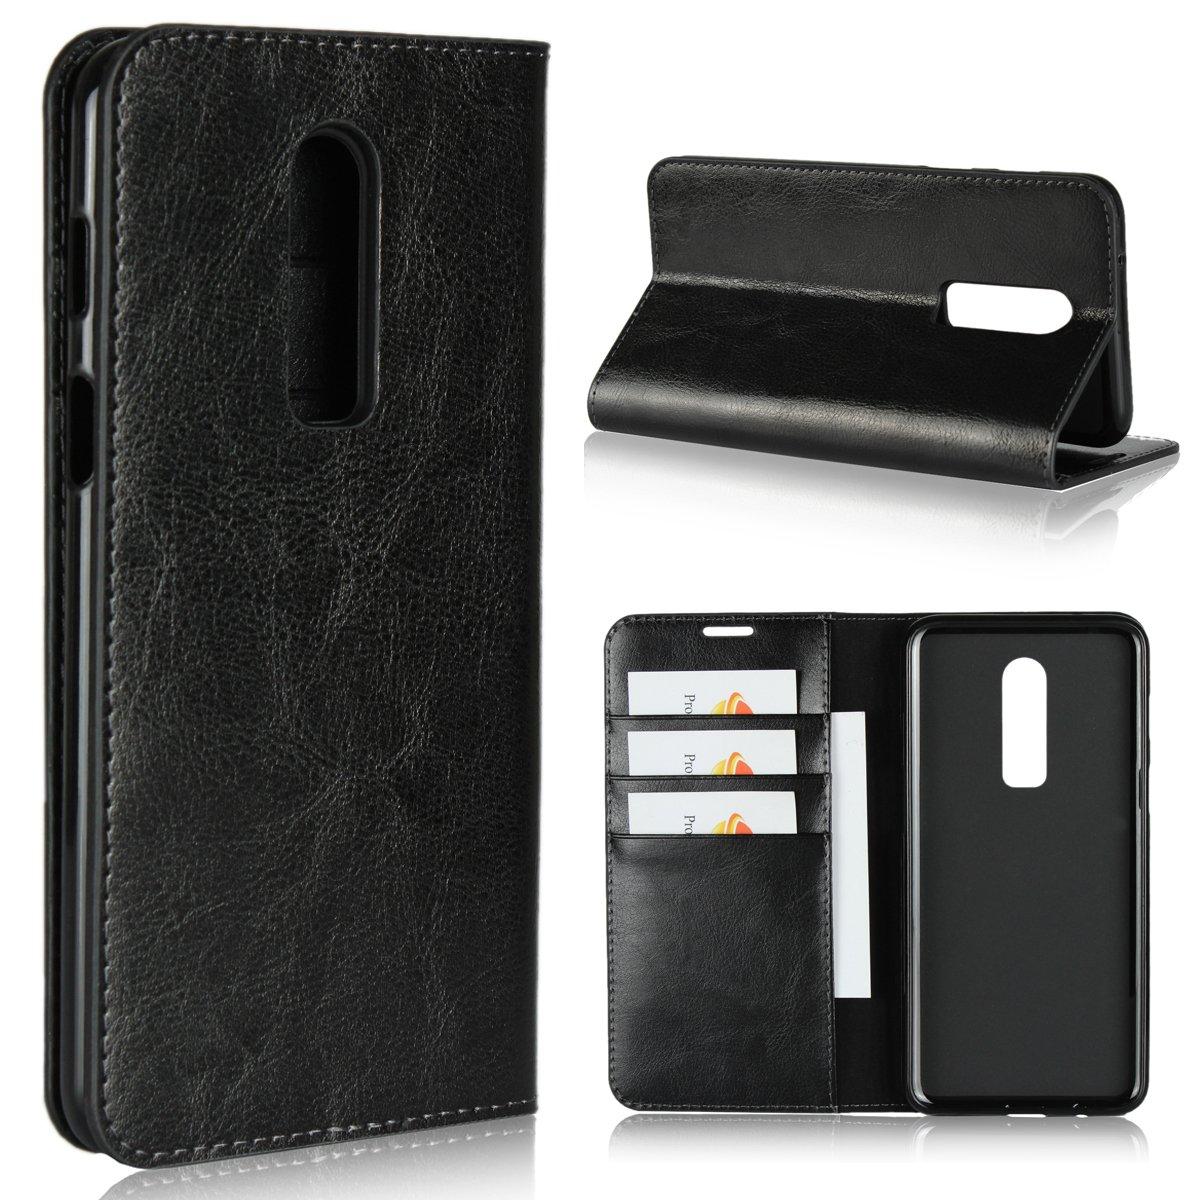 OnePlus 6/1 + 6ケース、iCoverCase本革製ウォレットケース[スリムフィット]フォリオブックデザインスタンド&カードスロット付きOnePlus 6/1 + 6 6.28インチ用フリップケースカバー(ブラック)   B07HQBNRL8